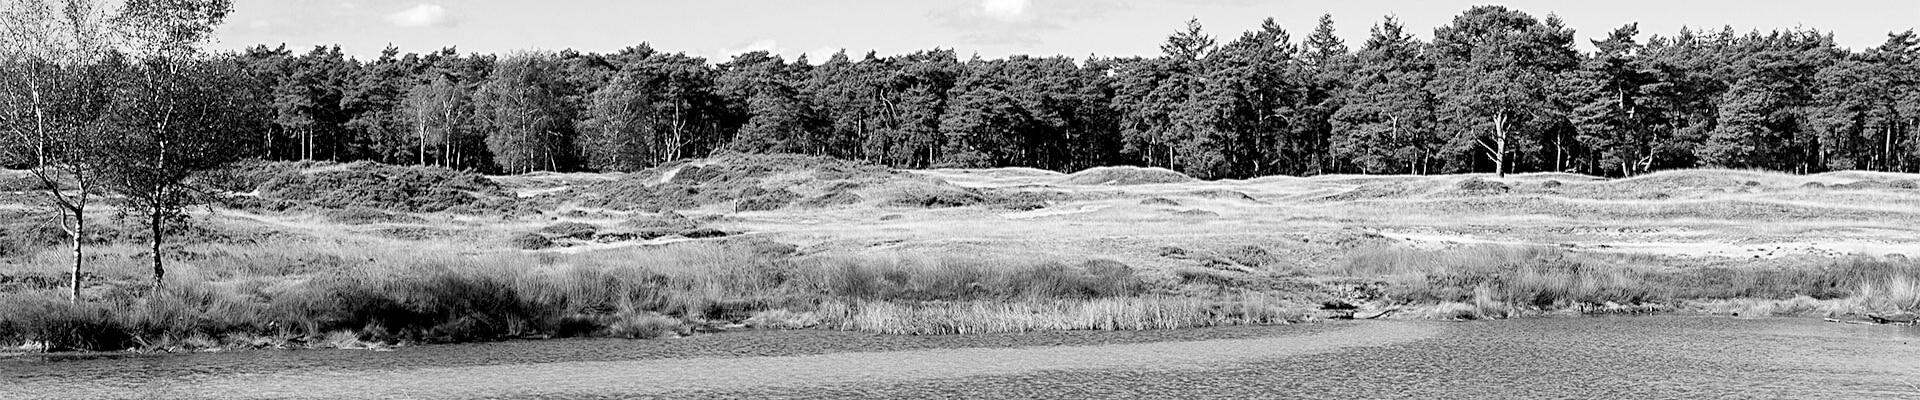 bos en heide landschap